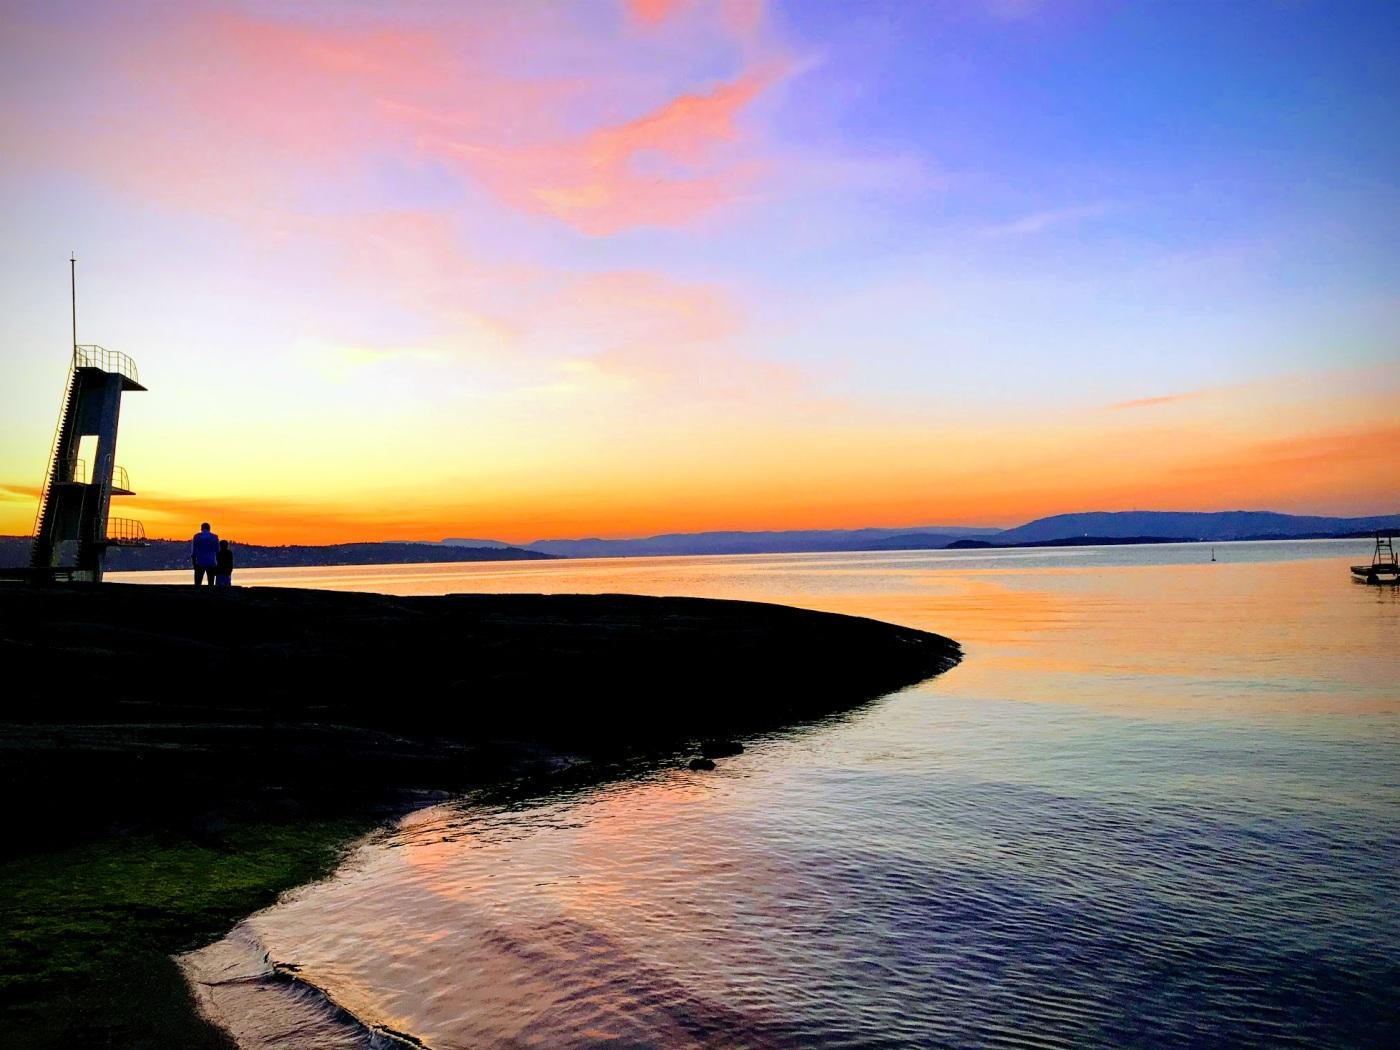 Bilde av stupetårn i solnedgang